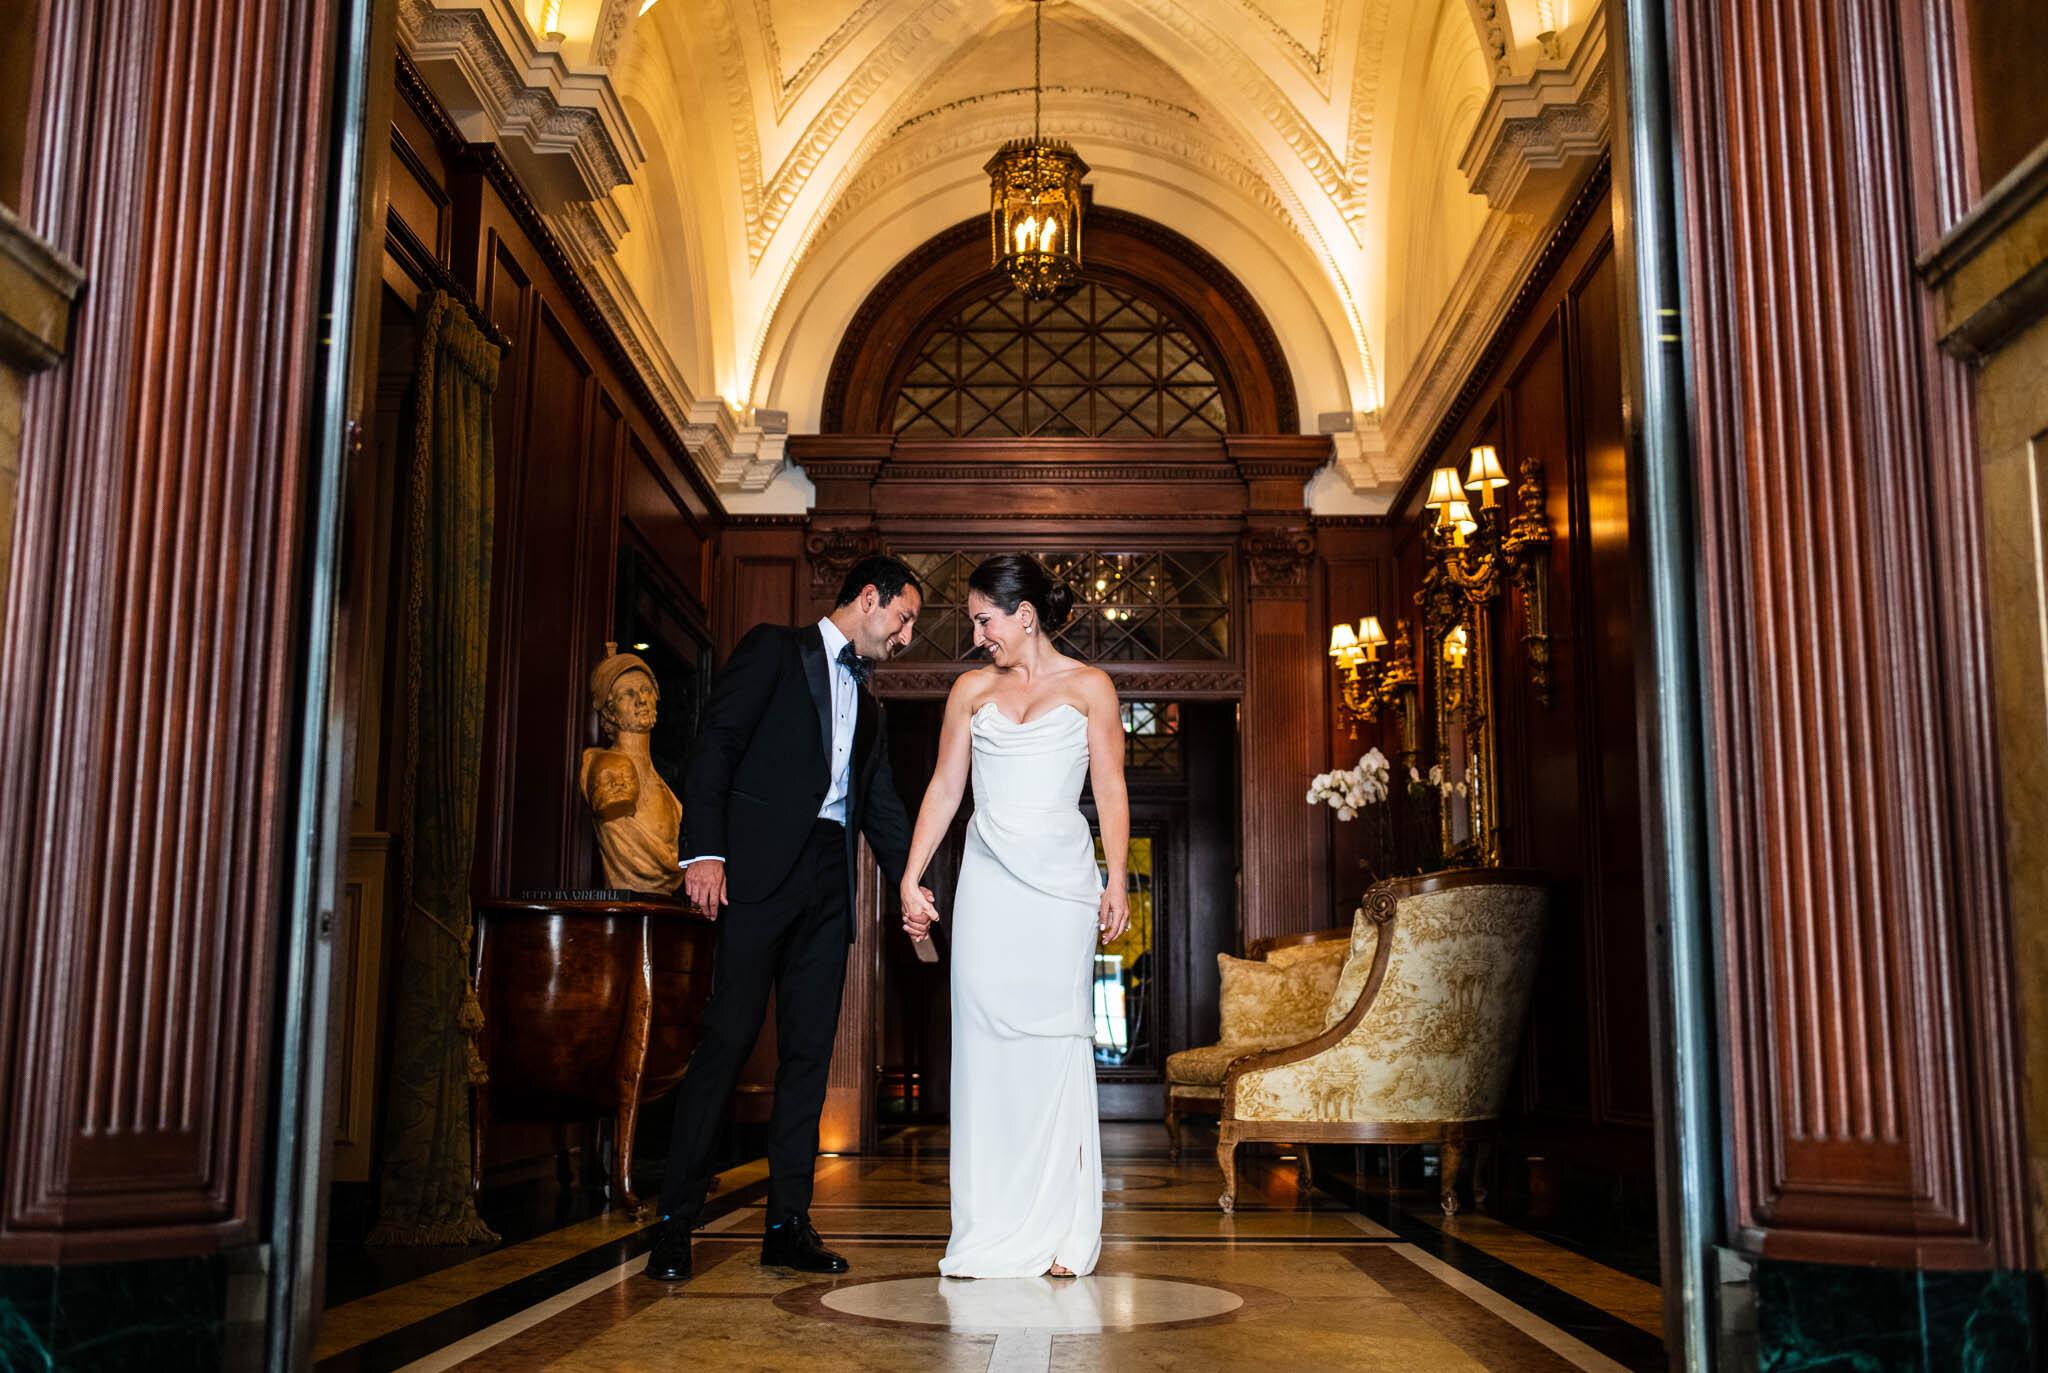 Montreal Wedding Photographer AshleyMacPhee (14 of 49).jpg